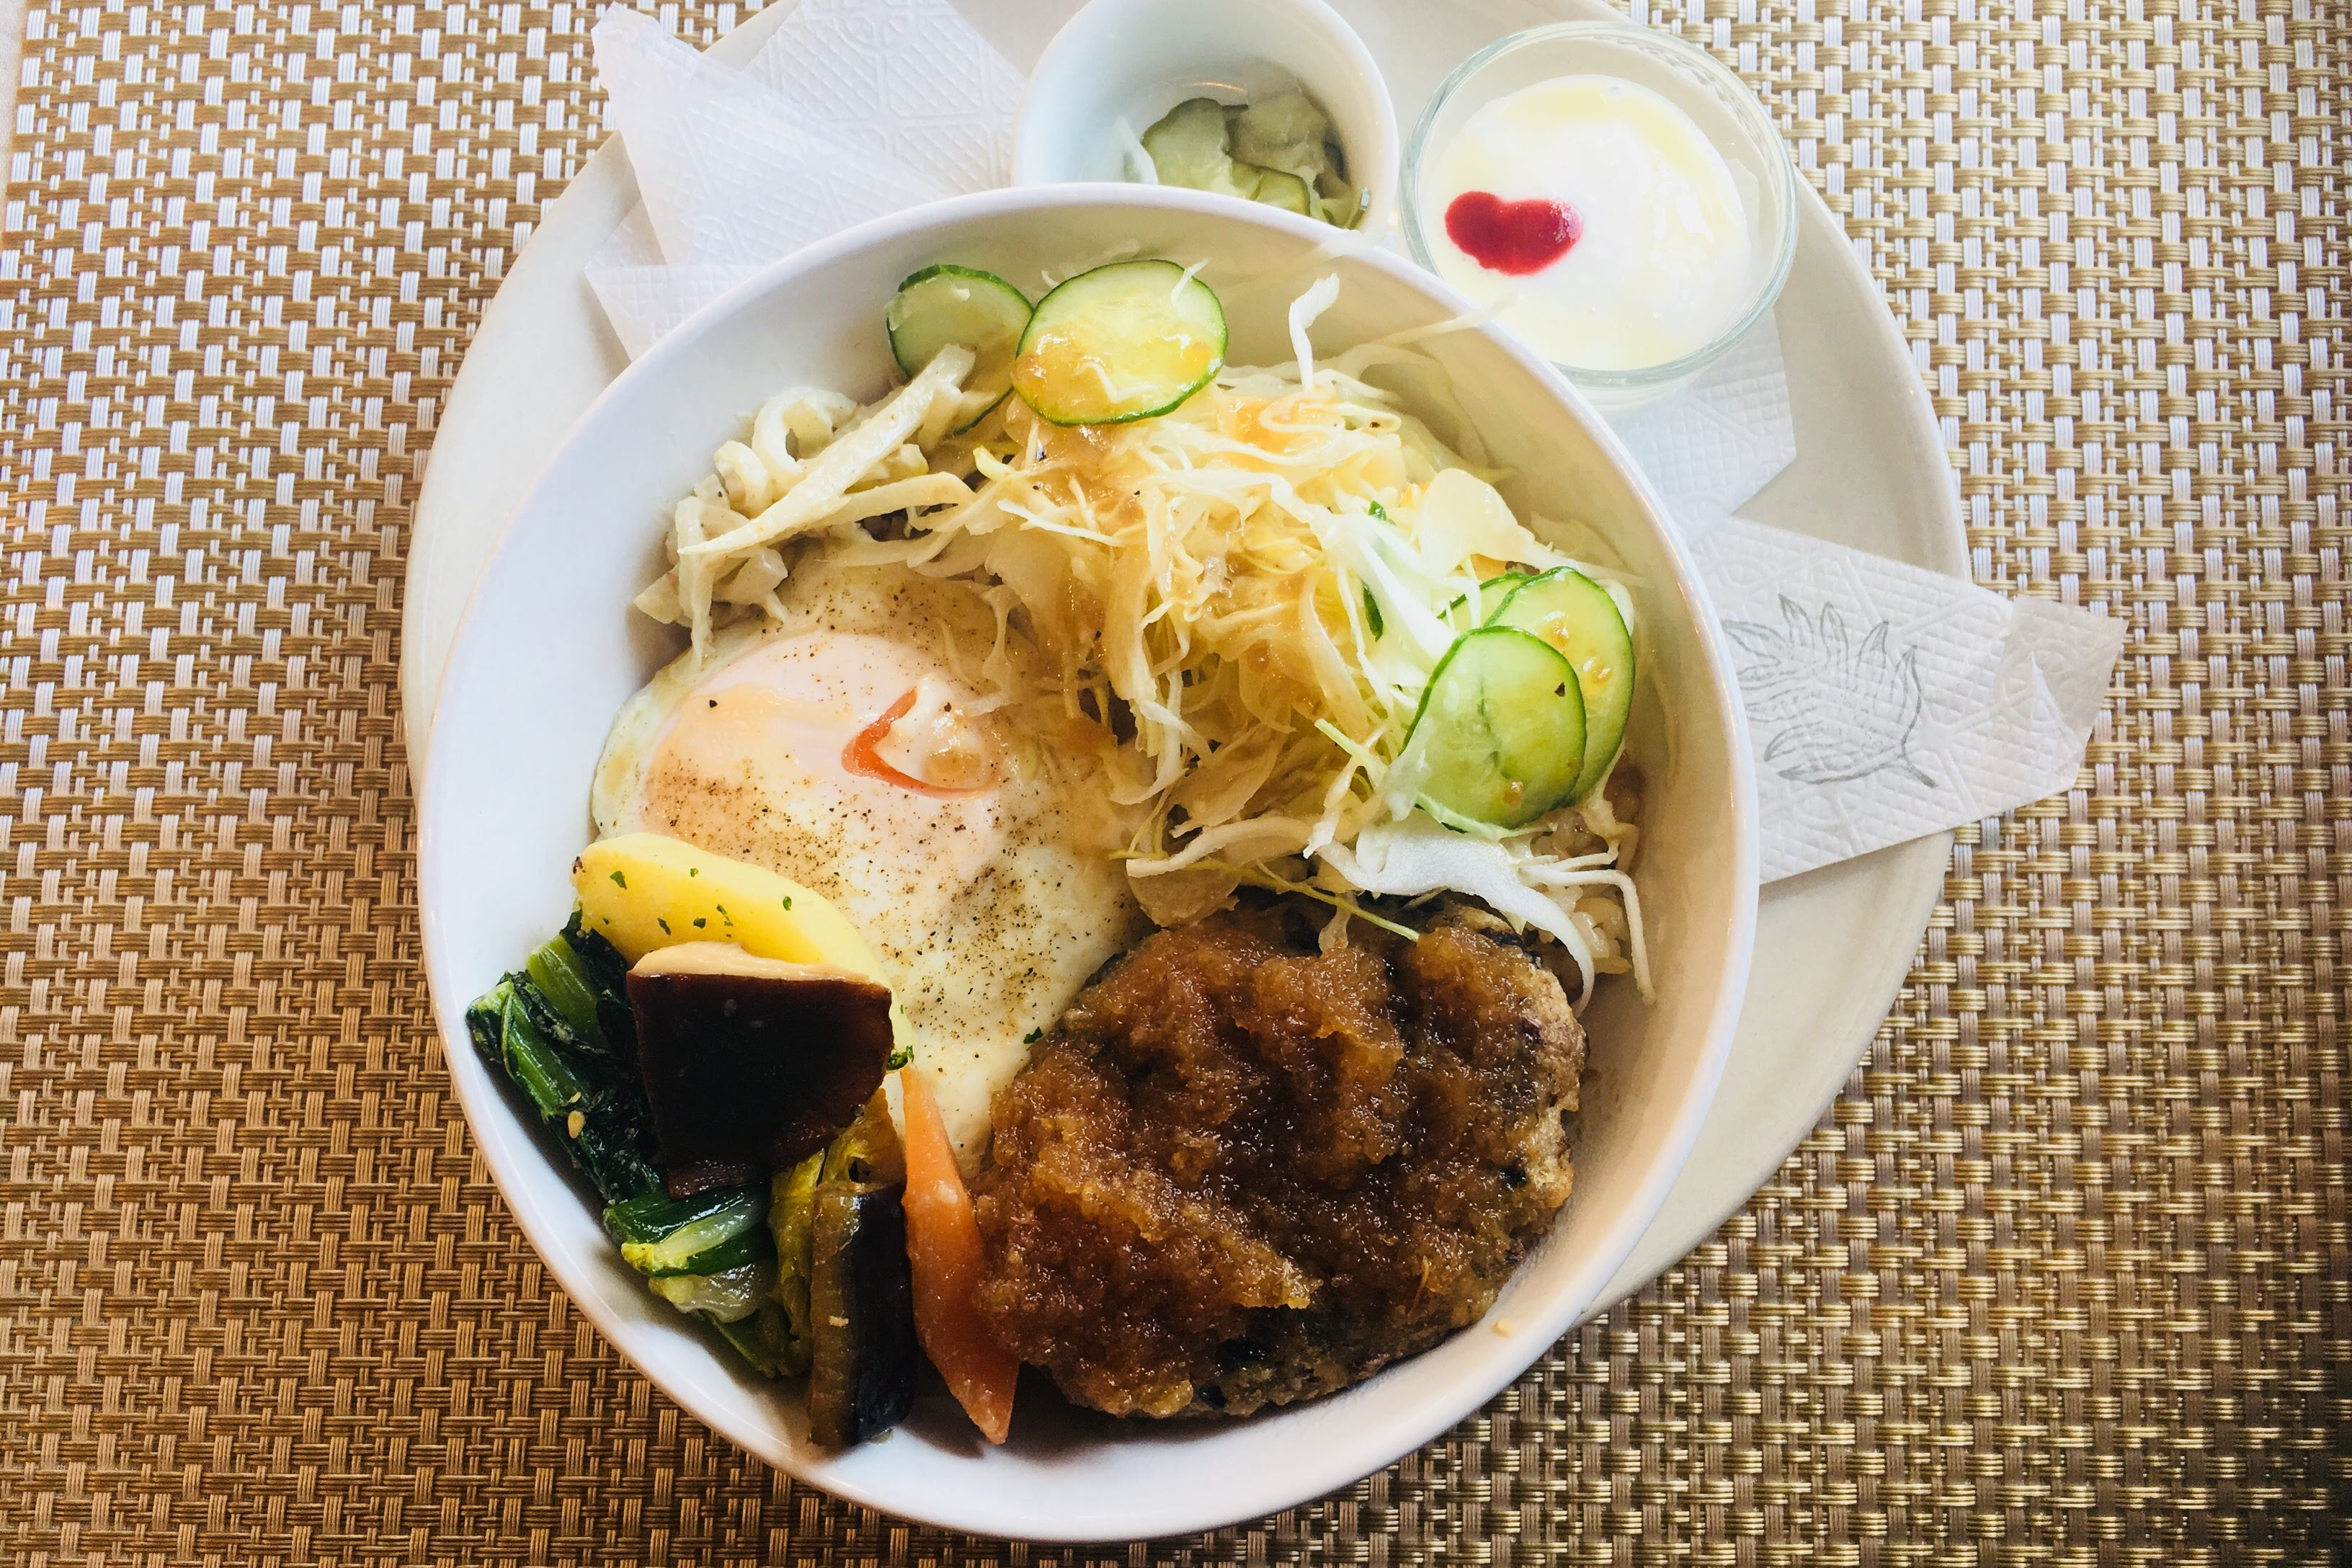 【カプア】熊本・平成でオーガニックランチが食べられる開放的な南国風カフェ